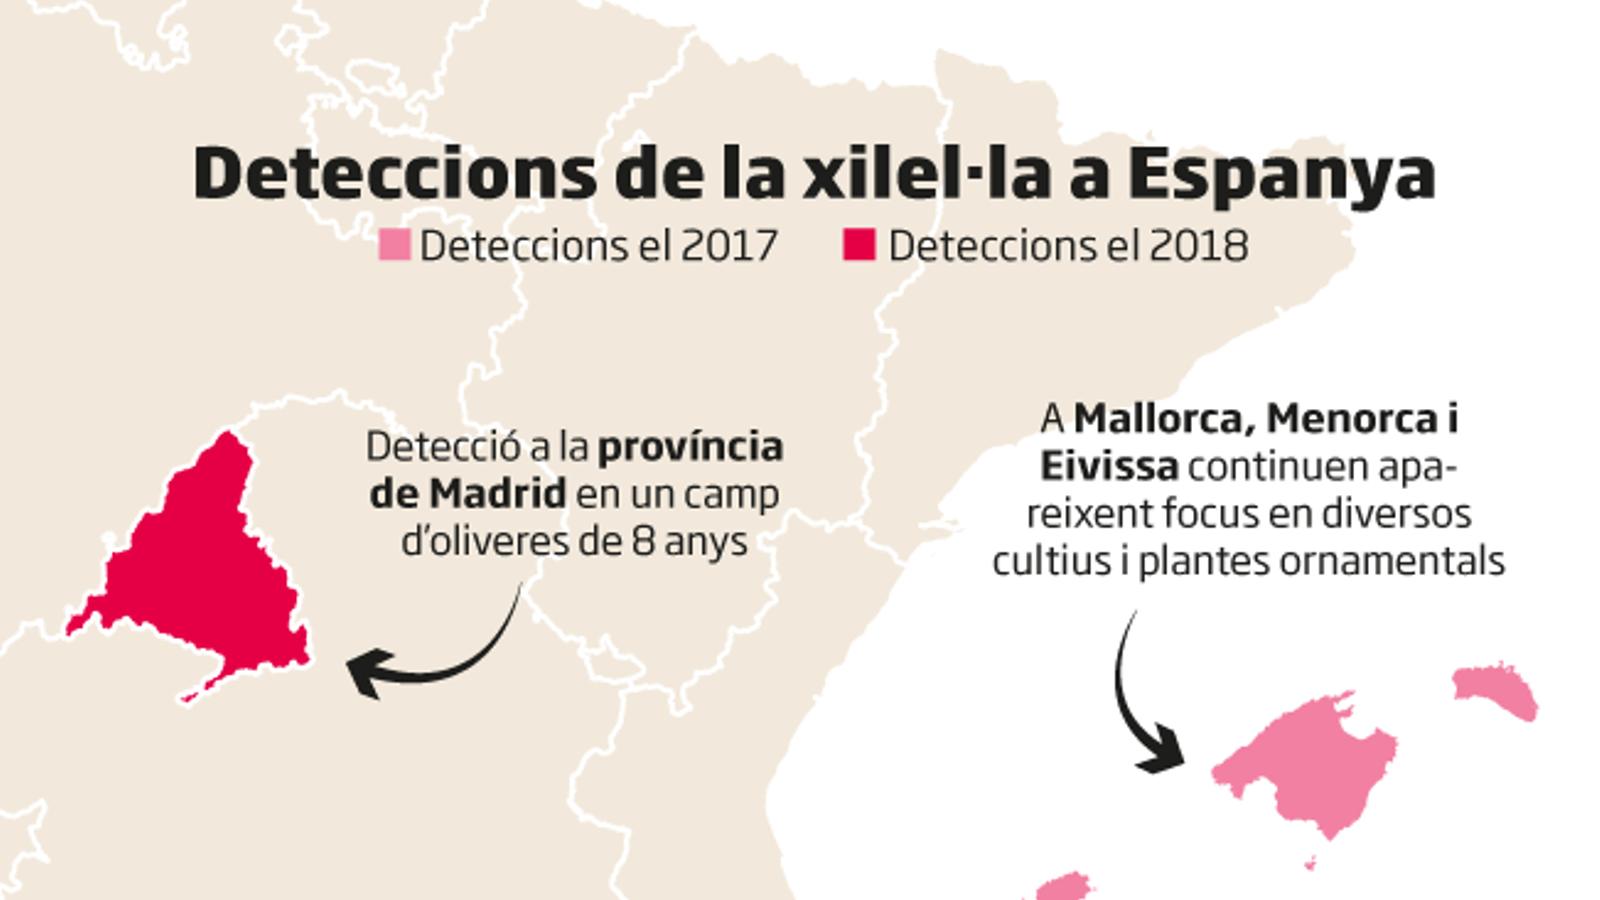 La xilel·la a Espanya